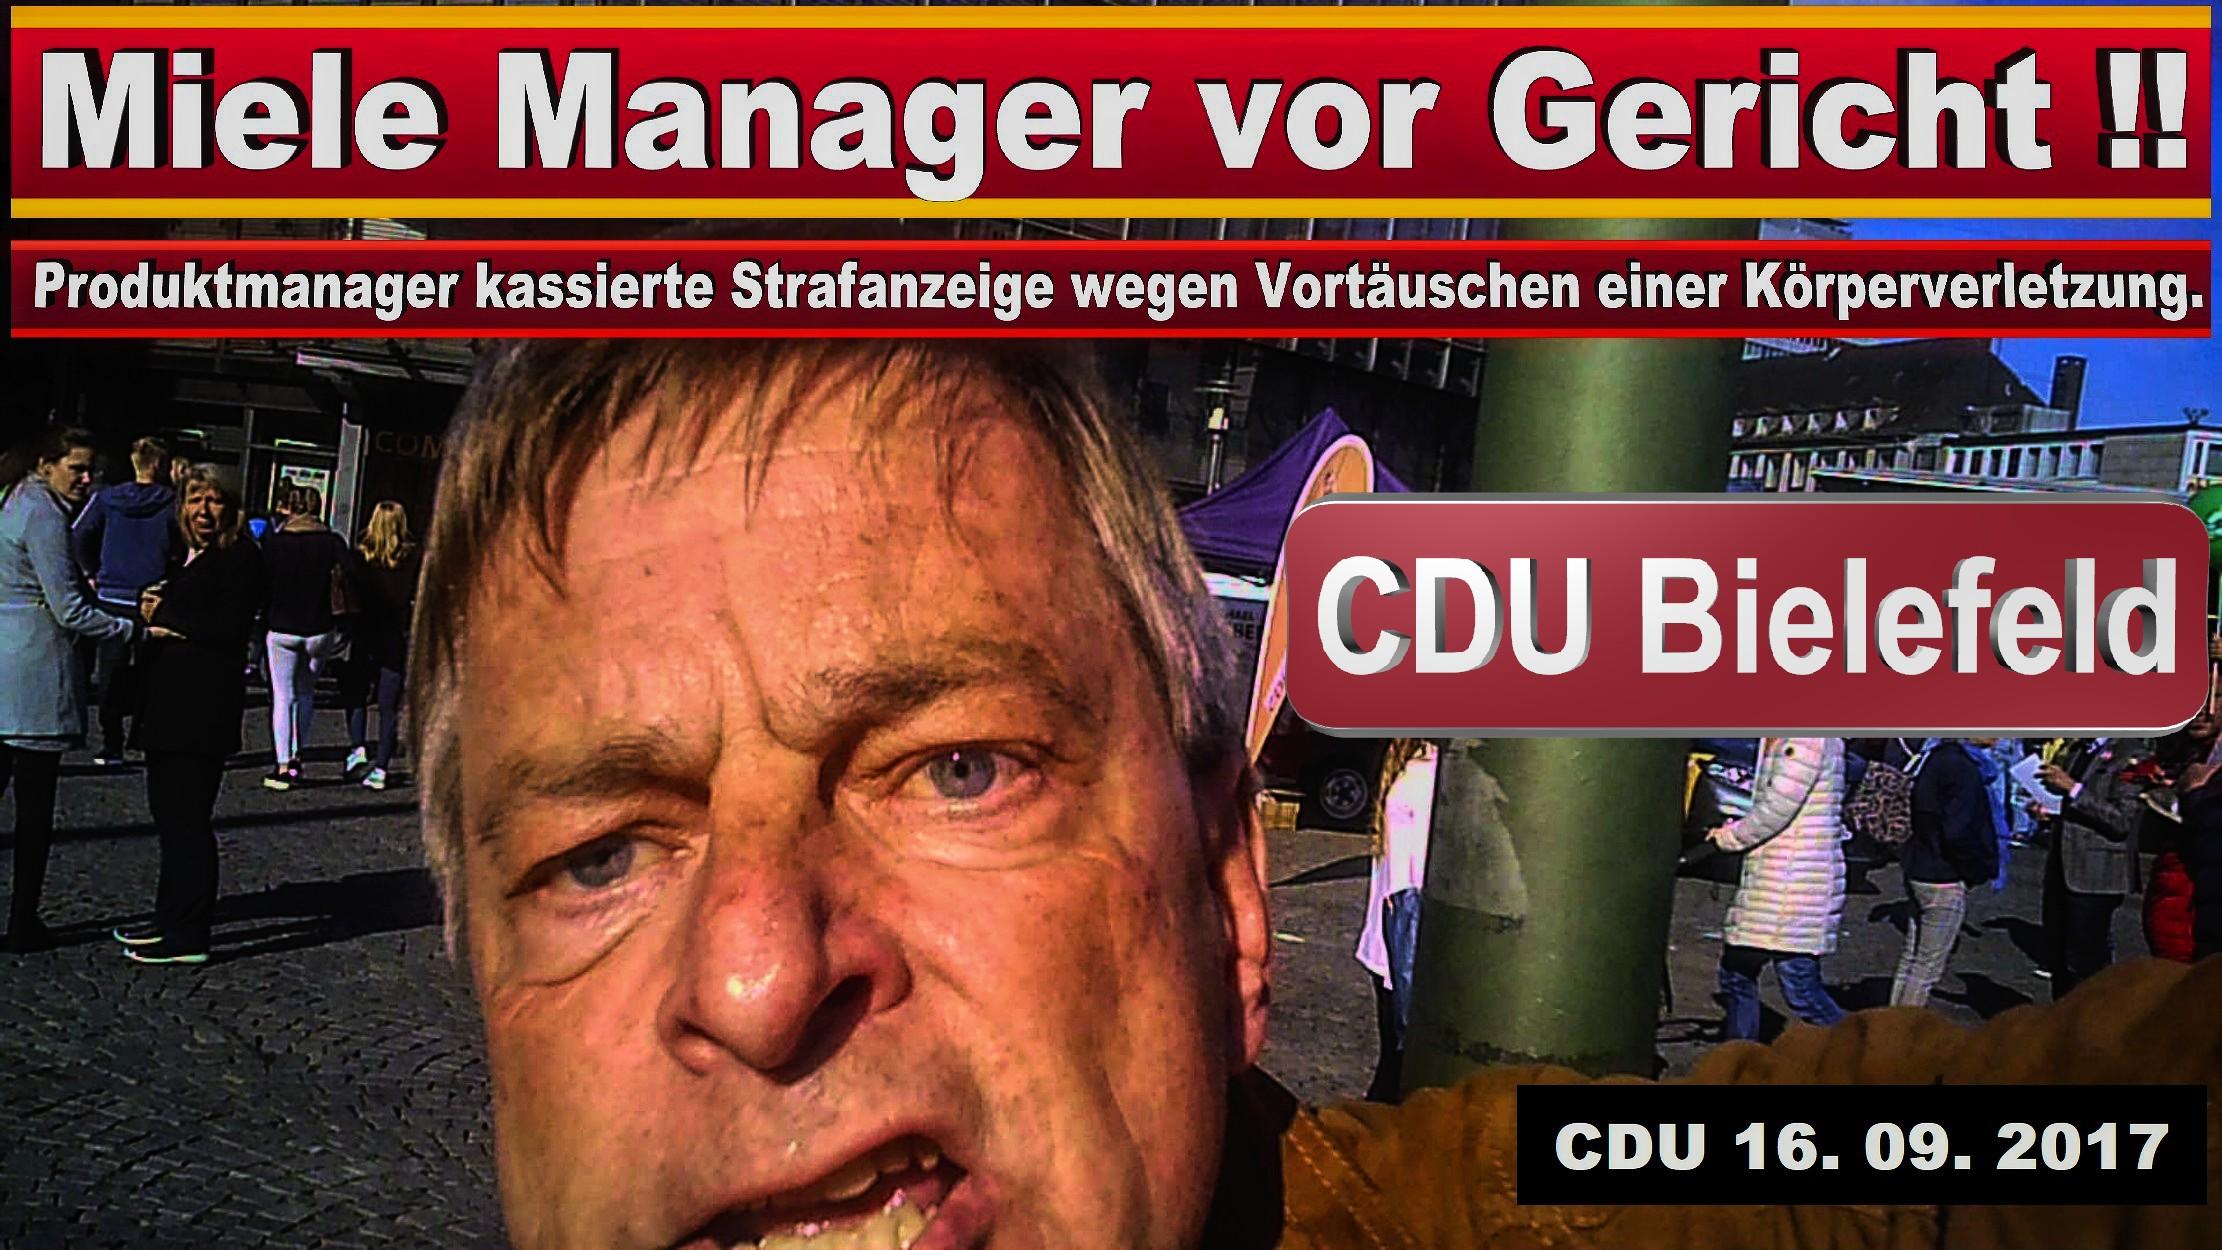 MICHAEL WEBER MIELE GüTERSLOH CDU BIELEFELD POLIZEIGEWALT GEWALTAUSBRUCH UND STRAFANZEIGE GEGEN EINEN JOURNALISTEN FTJU(2) EDIT KOPIE